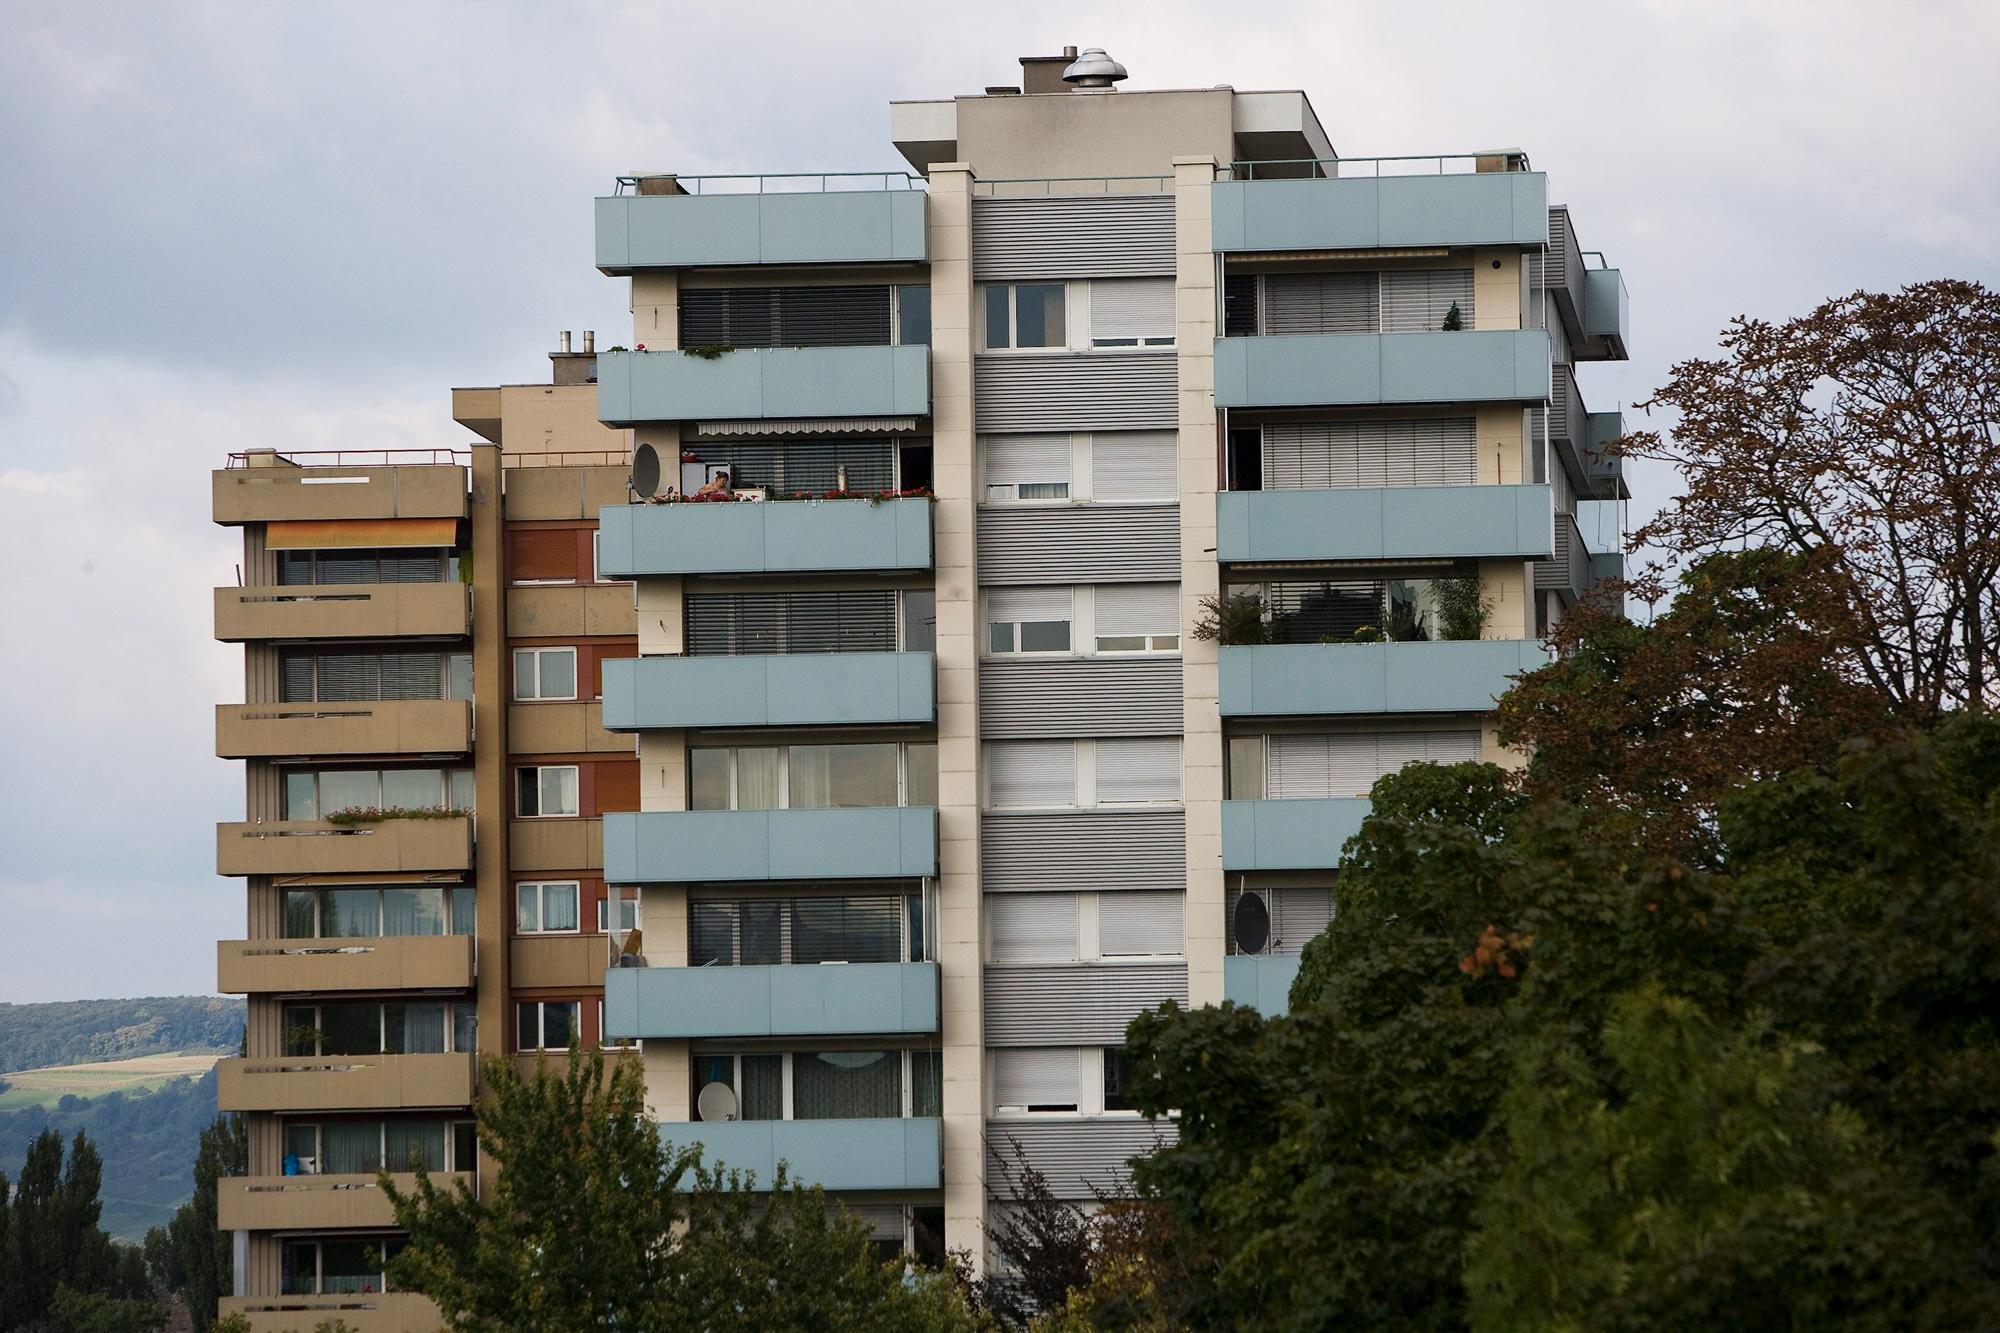 Zwei Mehrfamilienhauser, fotografiert am Dienstag, 23. September 2008 in Basel. Am kommenden Abstimmungssonntag, 28. Septembe